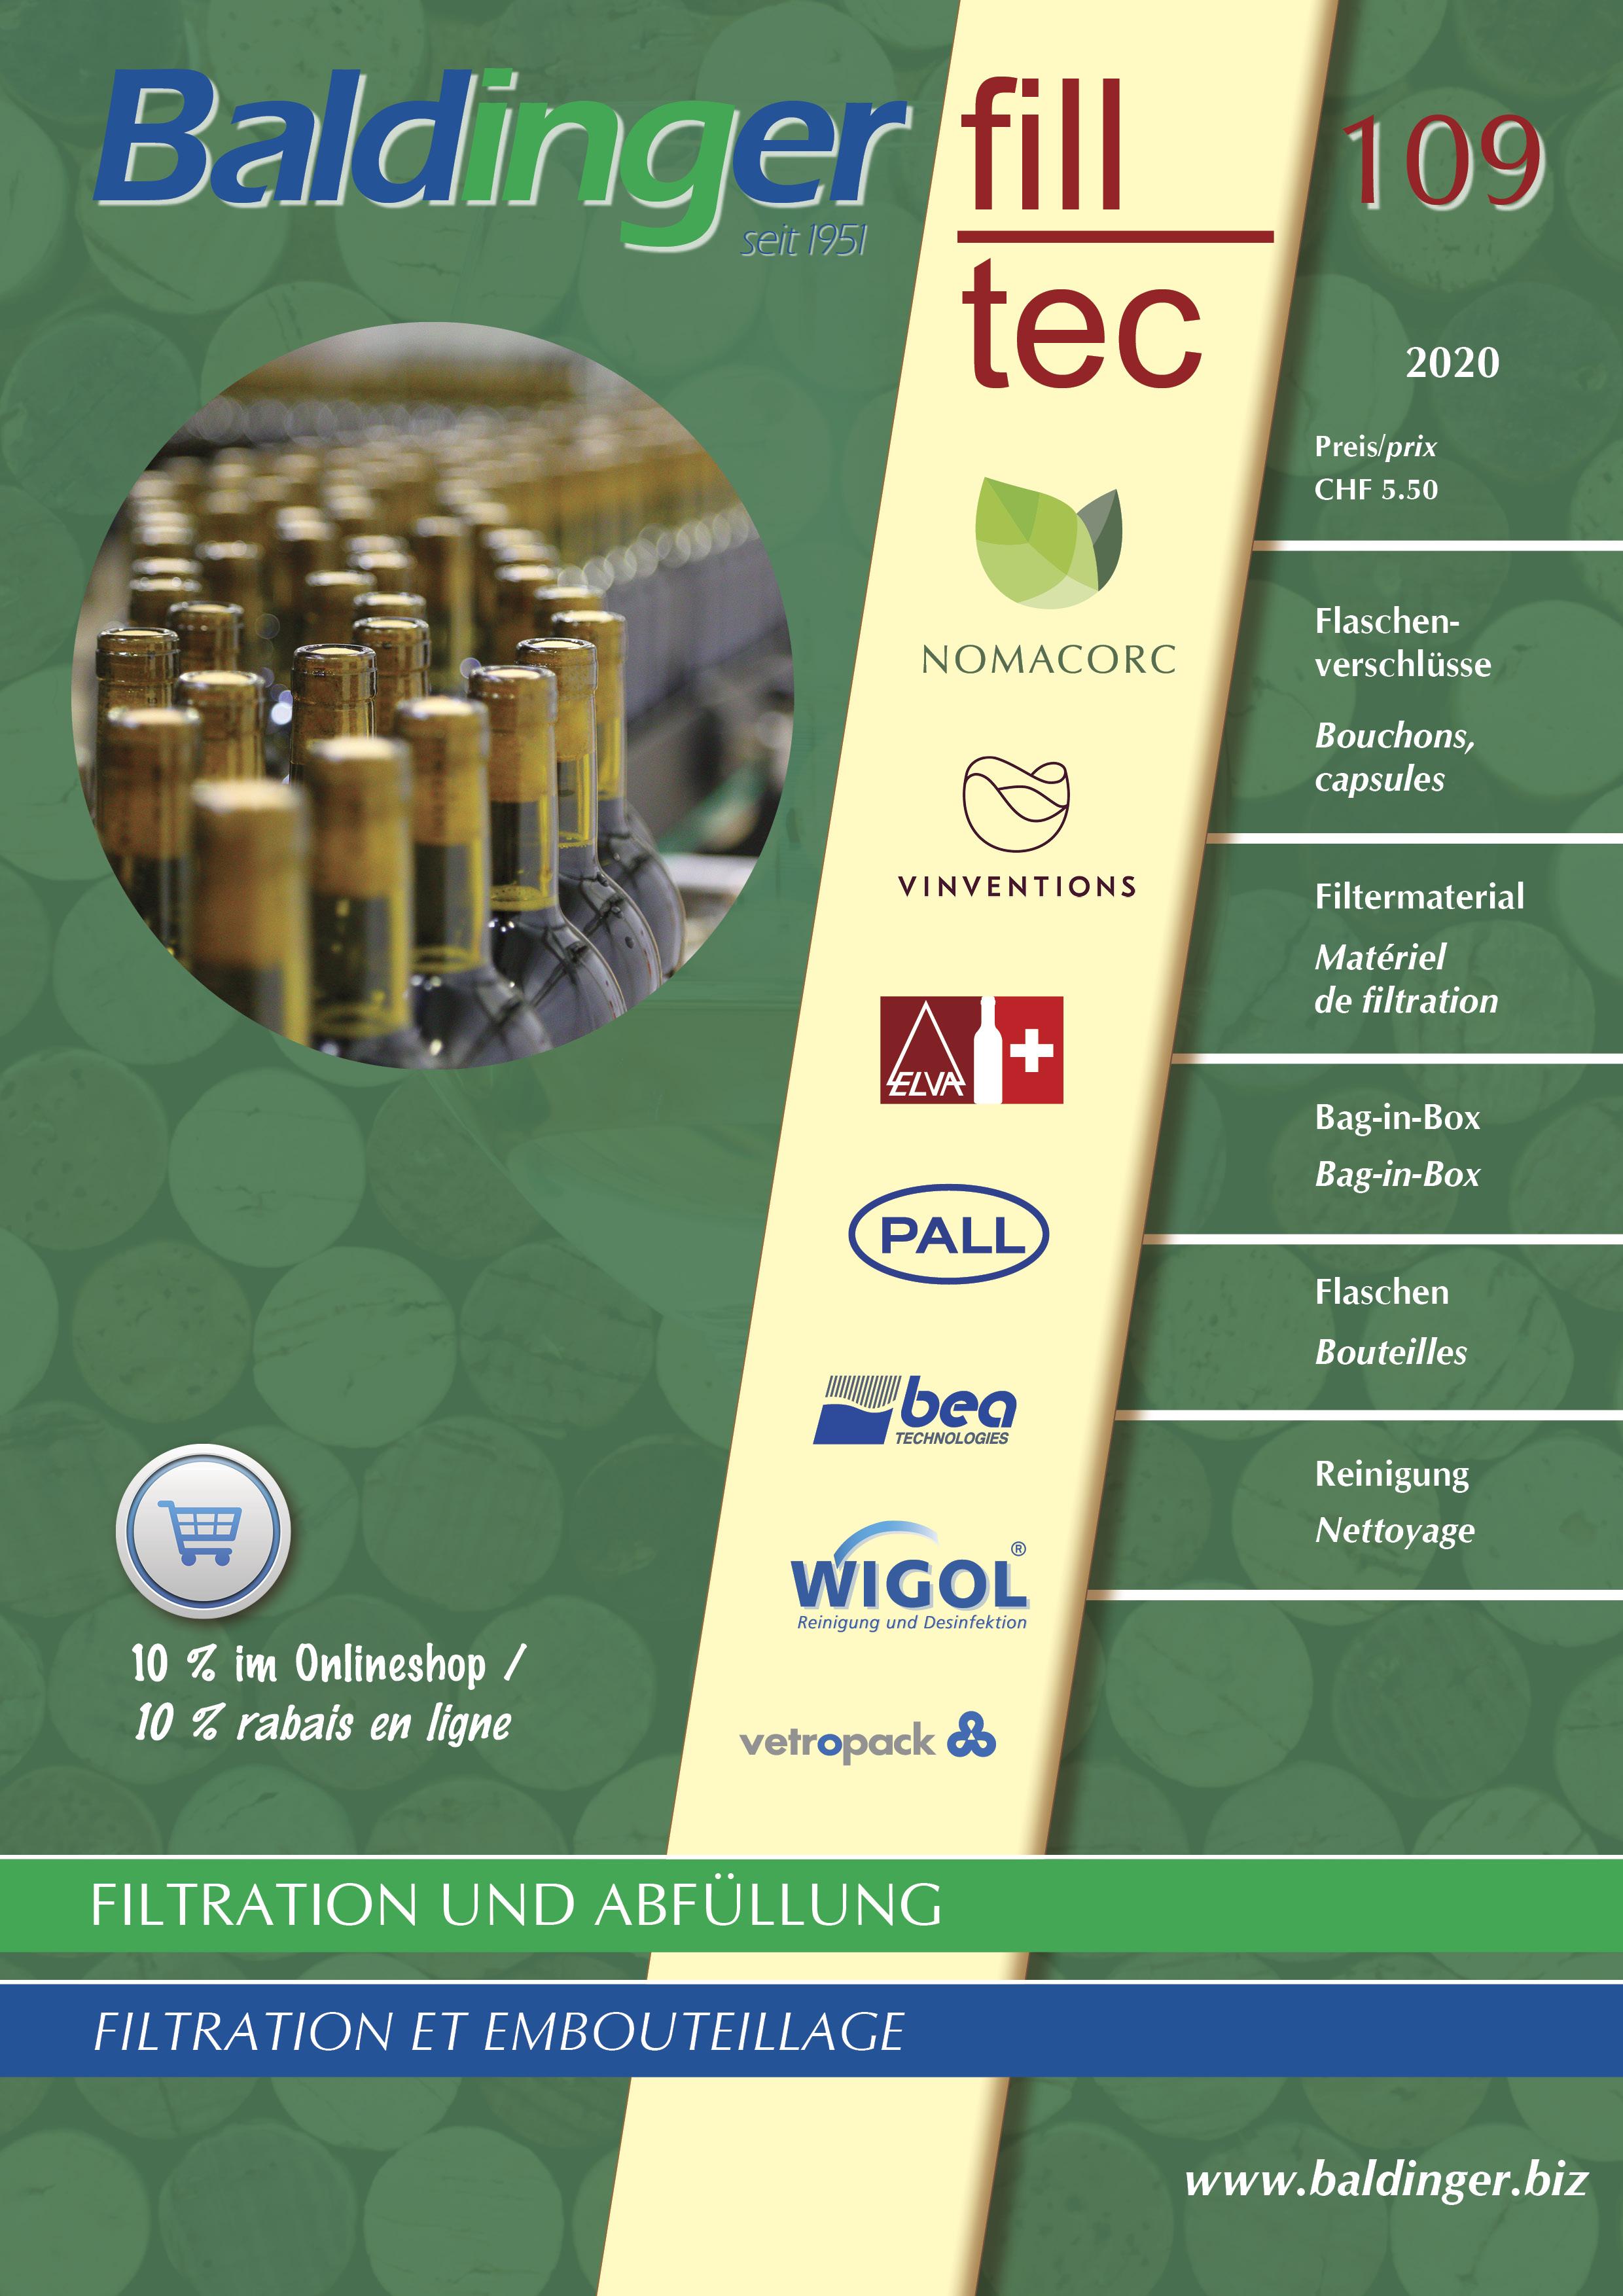 Katalog 109 - Verschlüsse, Filtermaterial, Flaschen